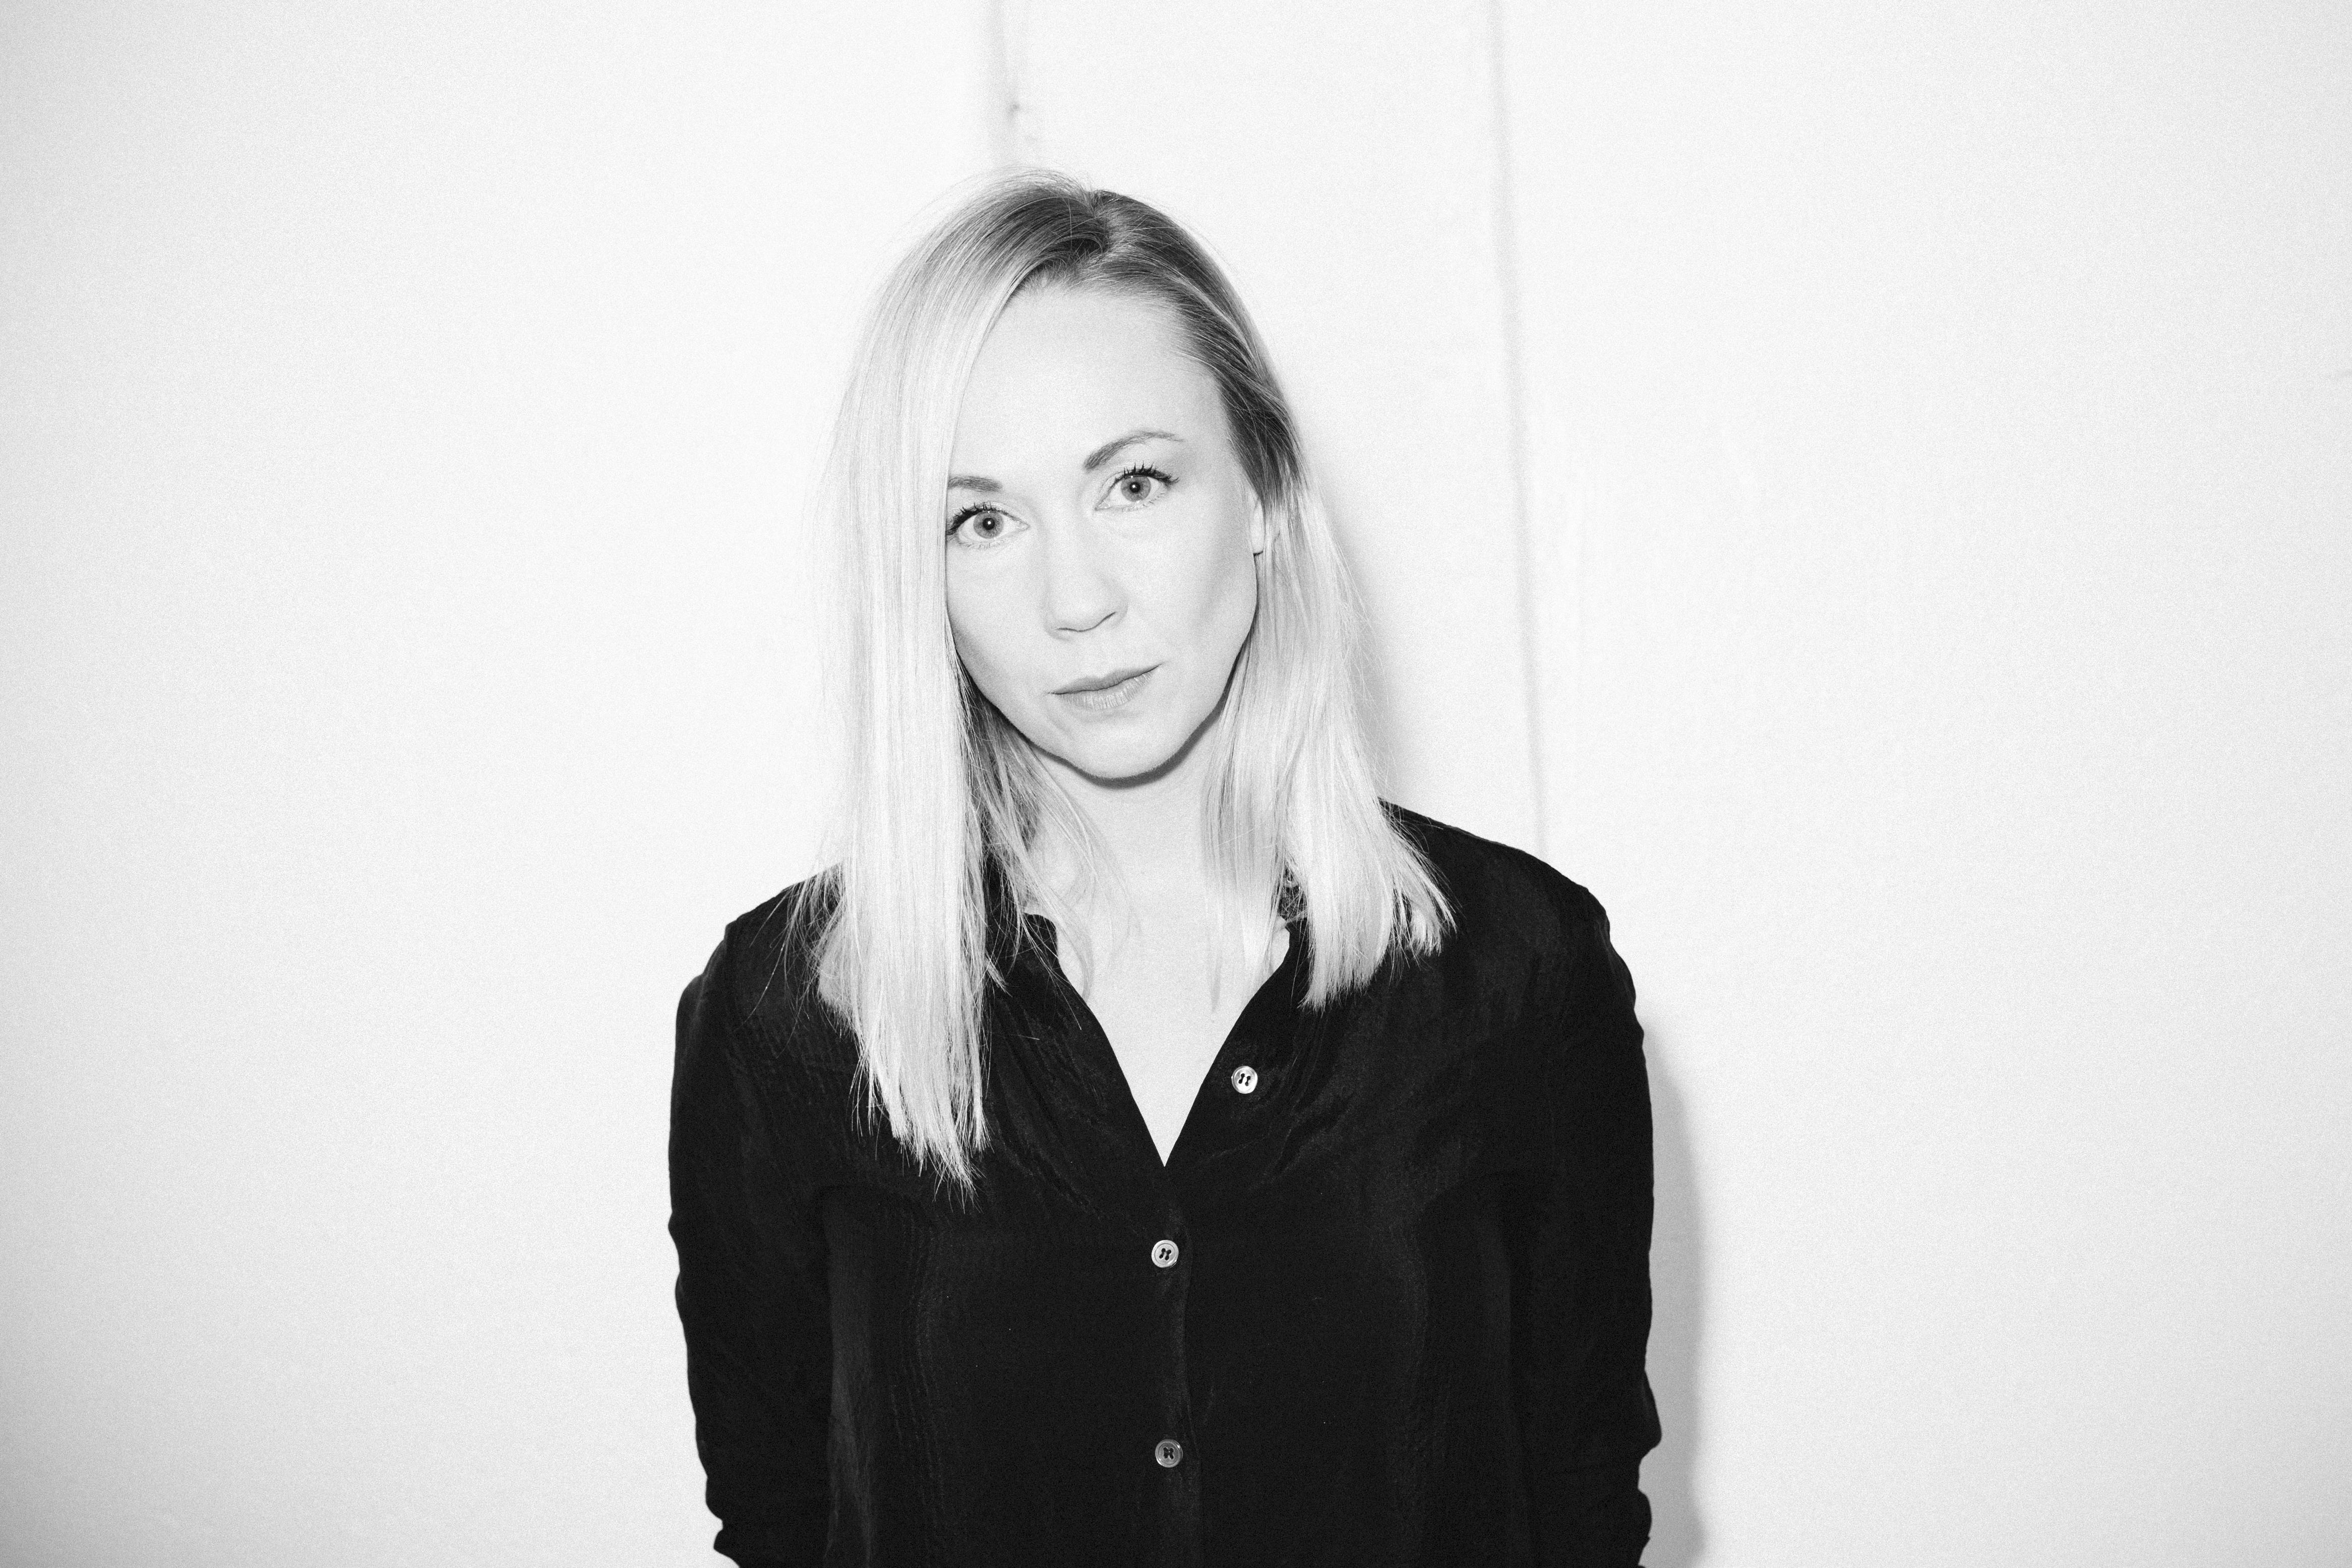 Portrait of Lisa Nordström